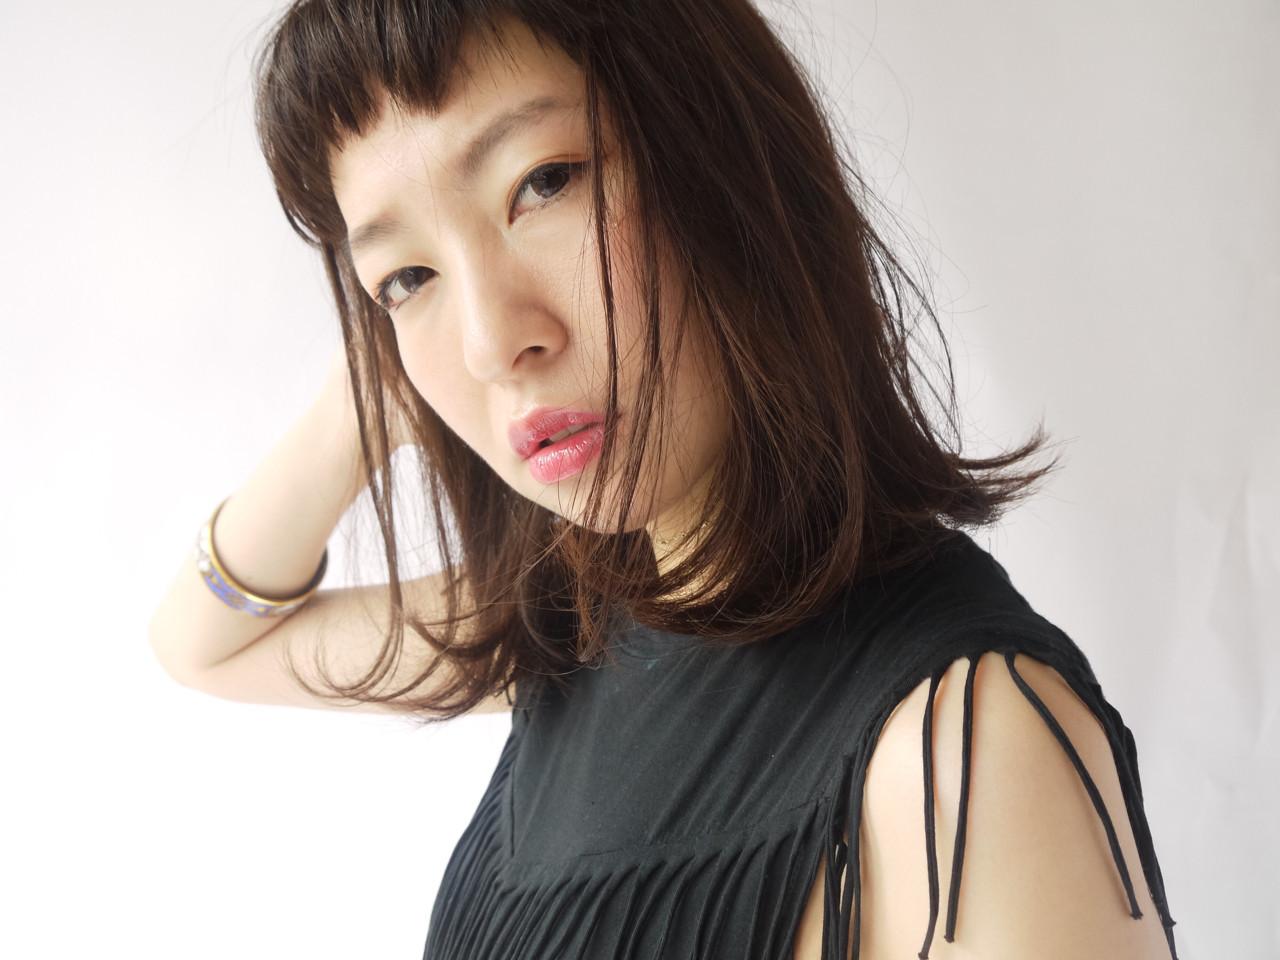 前髪あり ショートバング ナチュラル 暗髪 ヘアスタイルや髪型の写真・画像